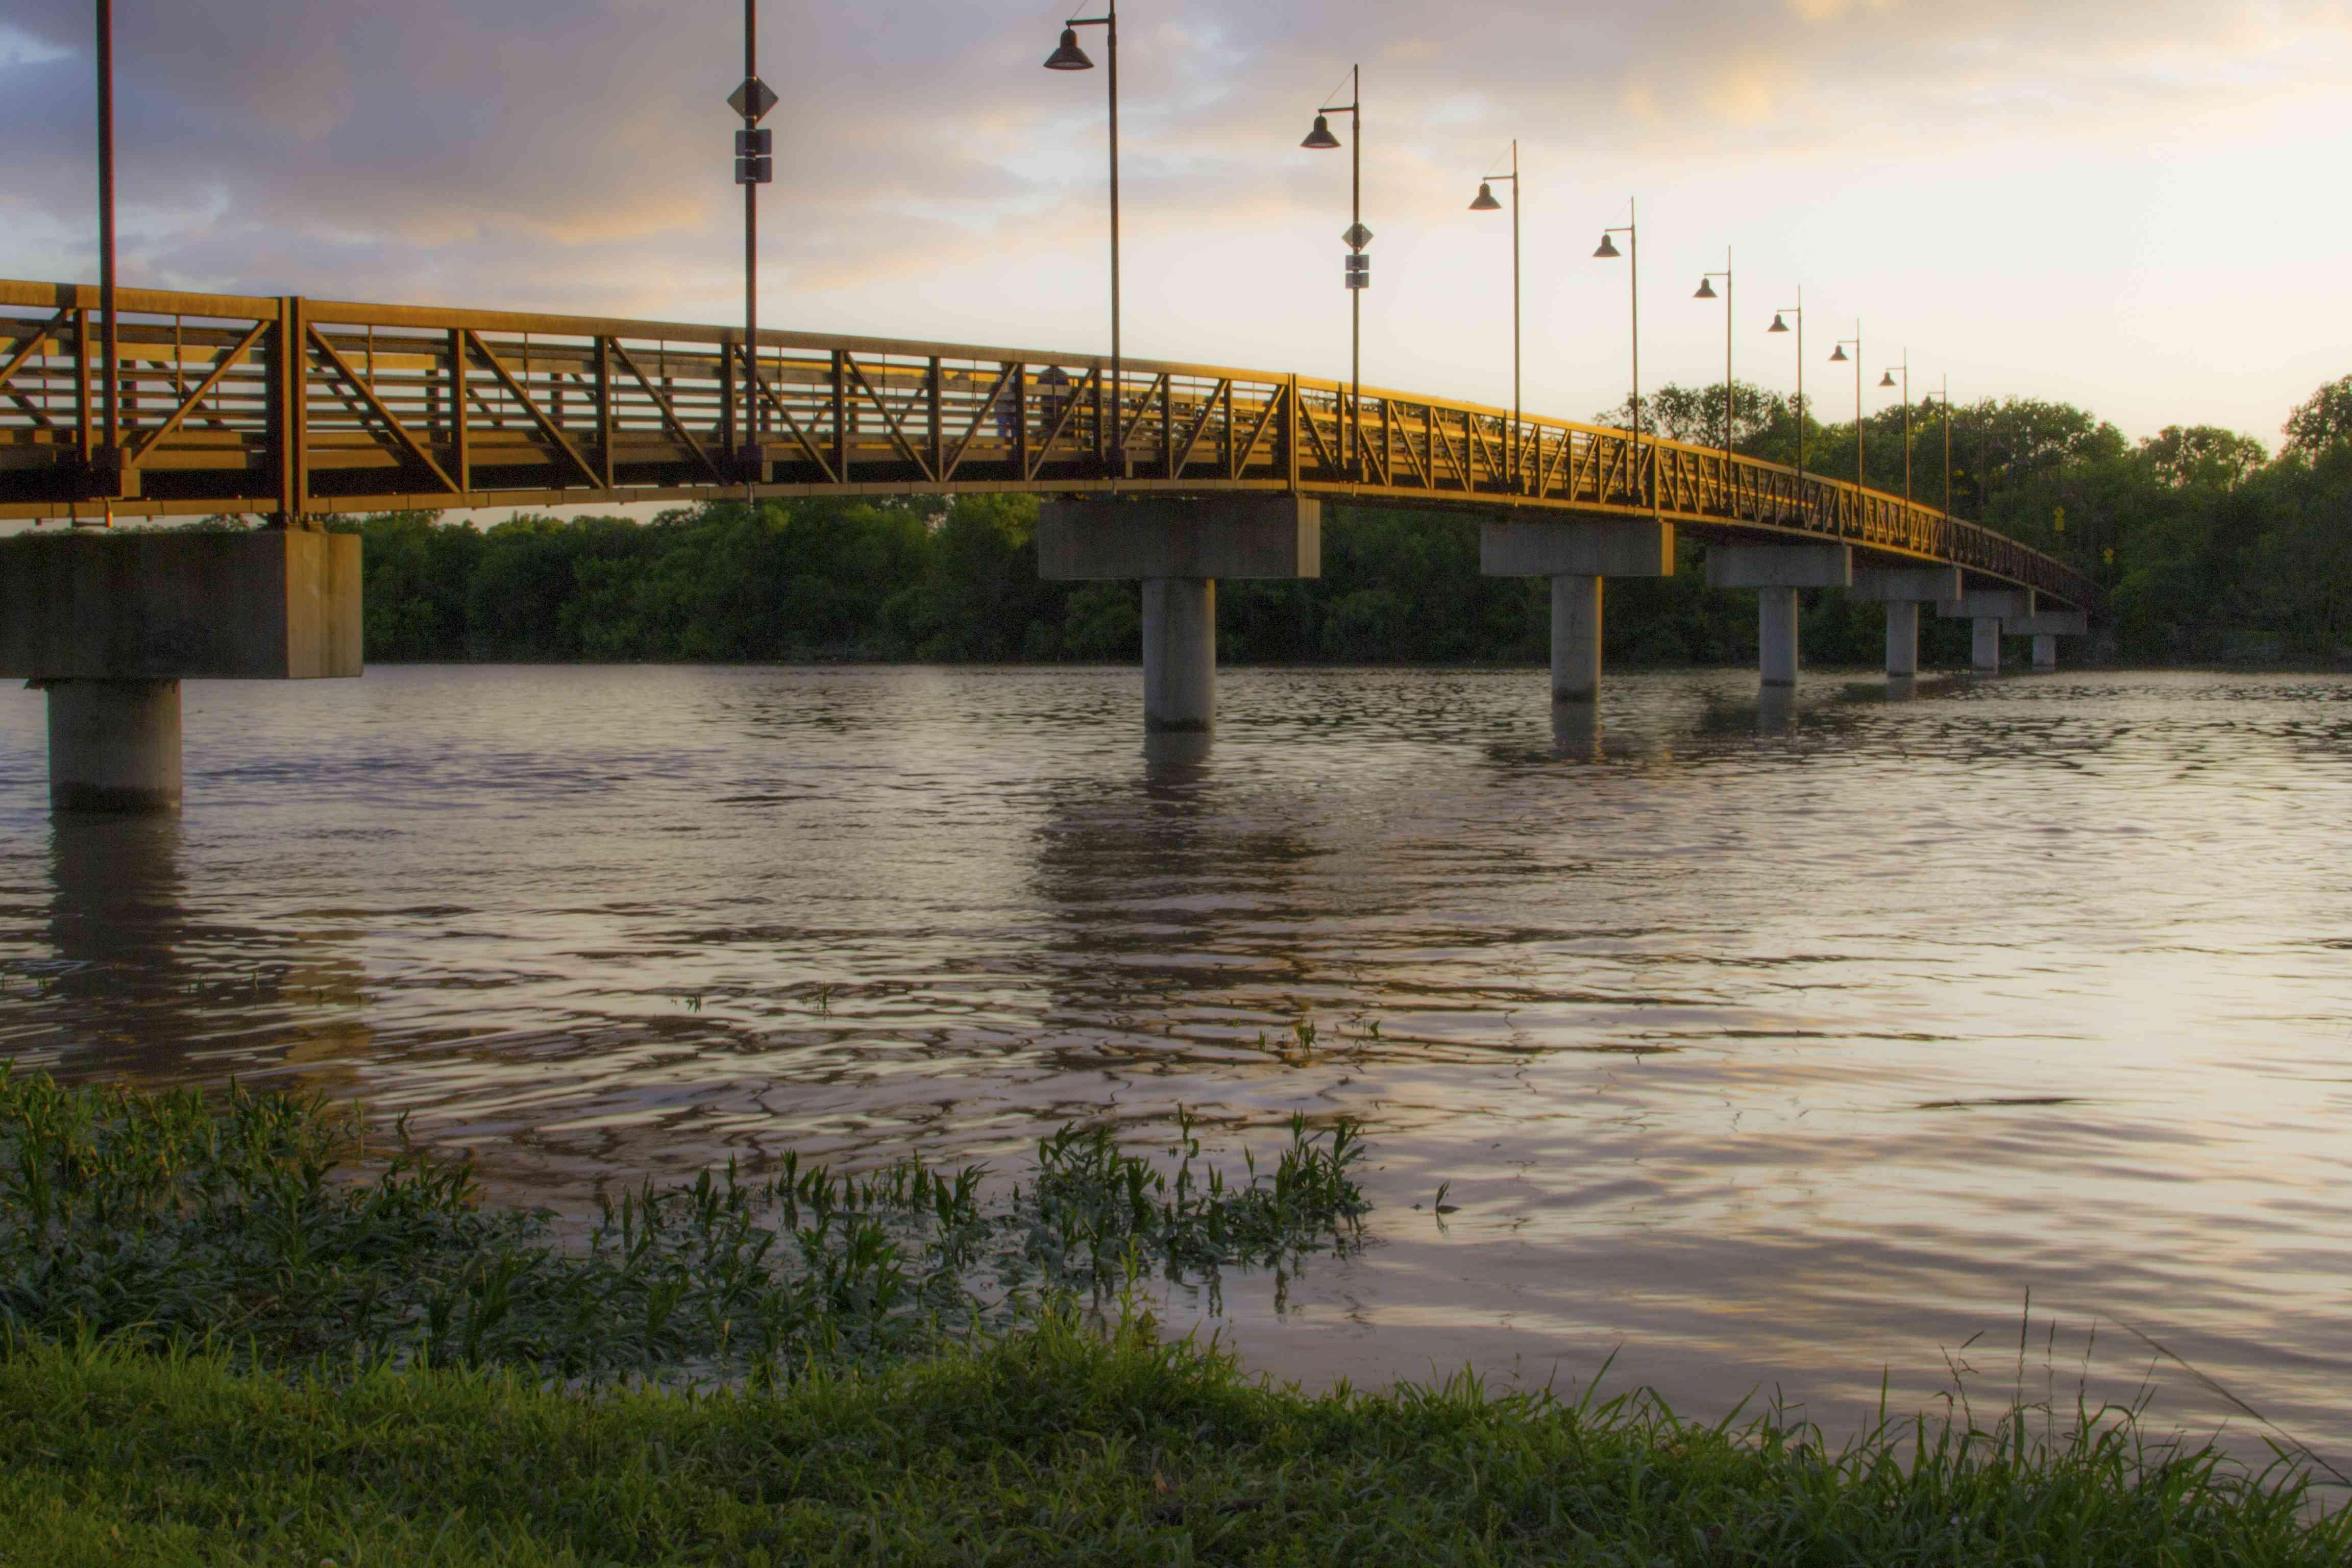 Bridge at White Rock Lake in Dallas, Texas at sunset.